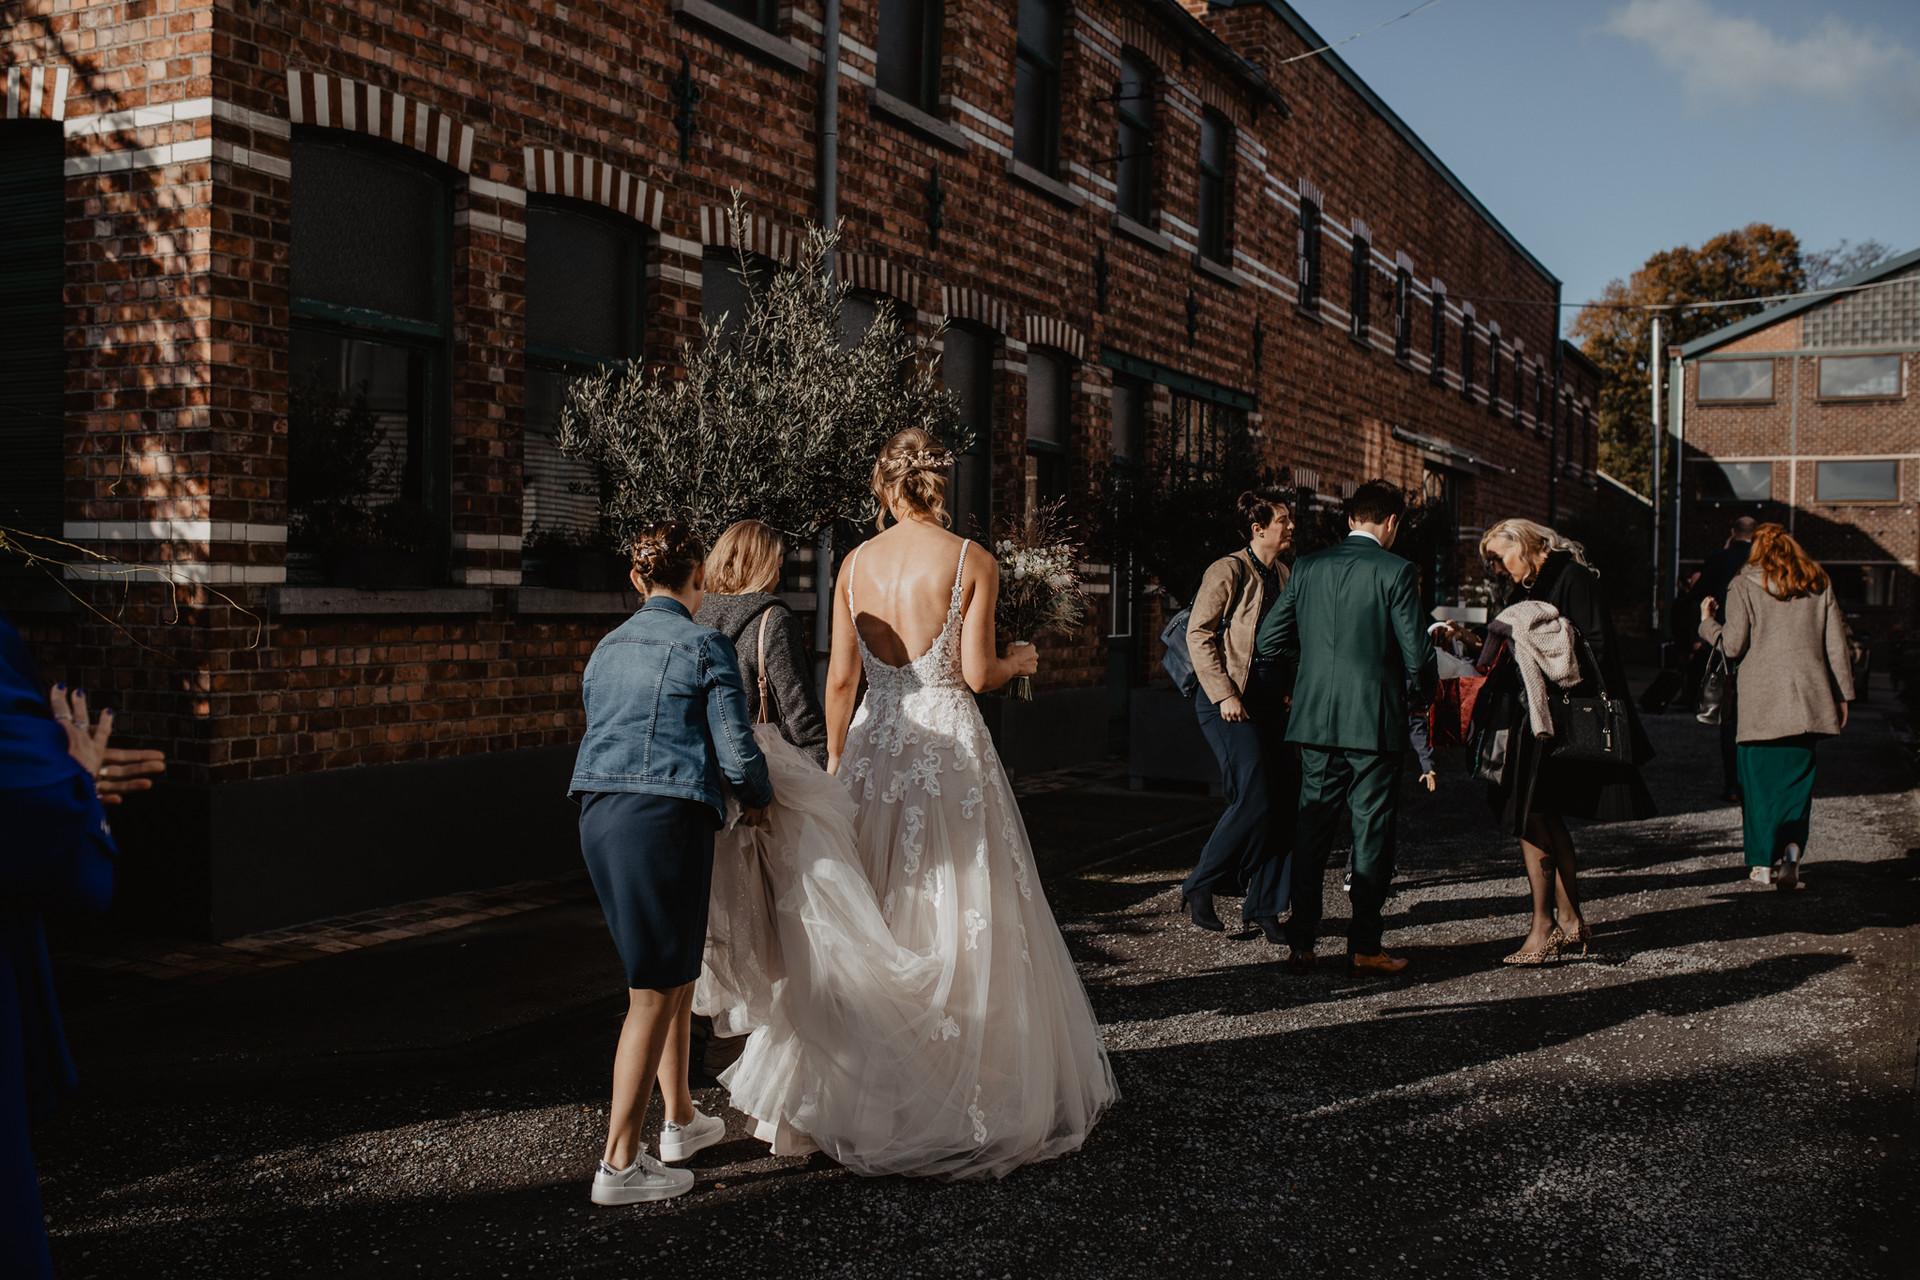 Huwelijksfotograaf_trouwfotograaf_BelgiÃ